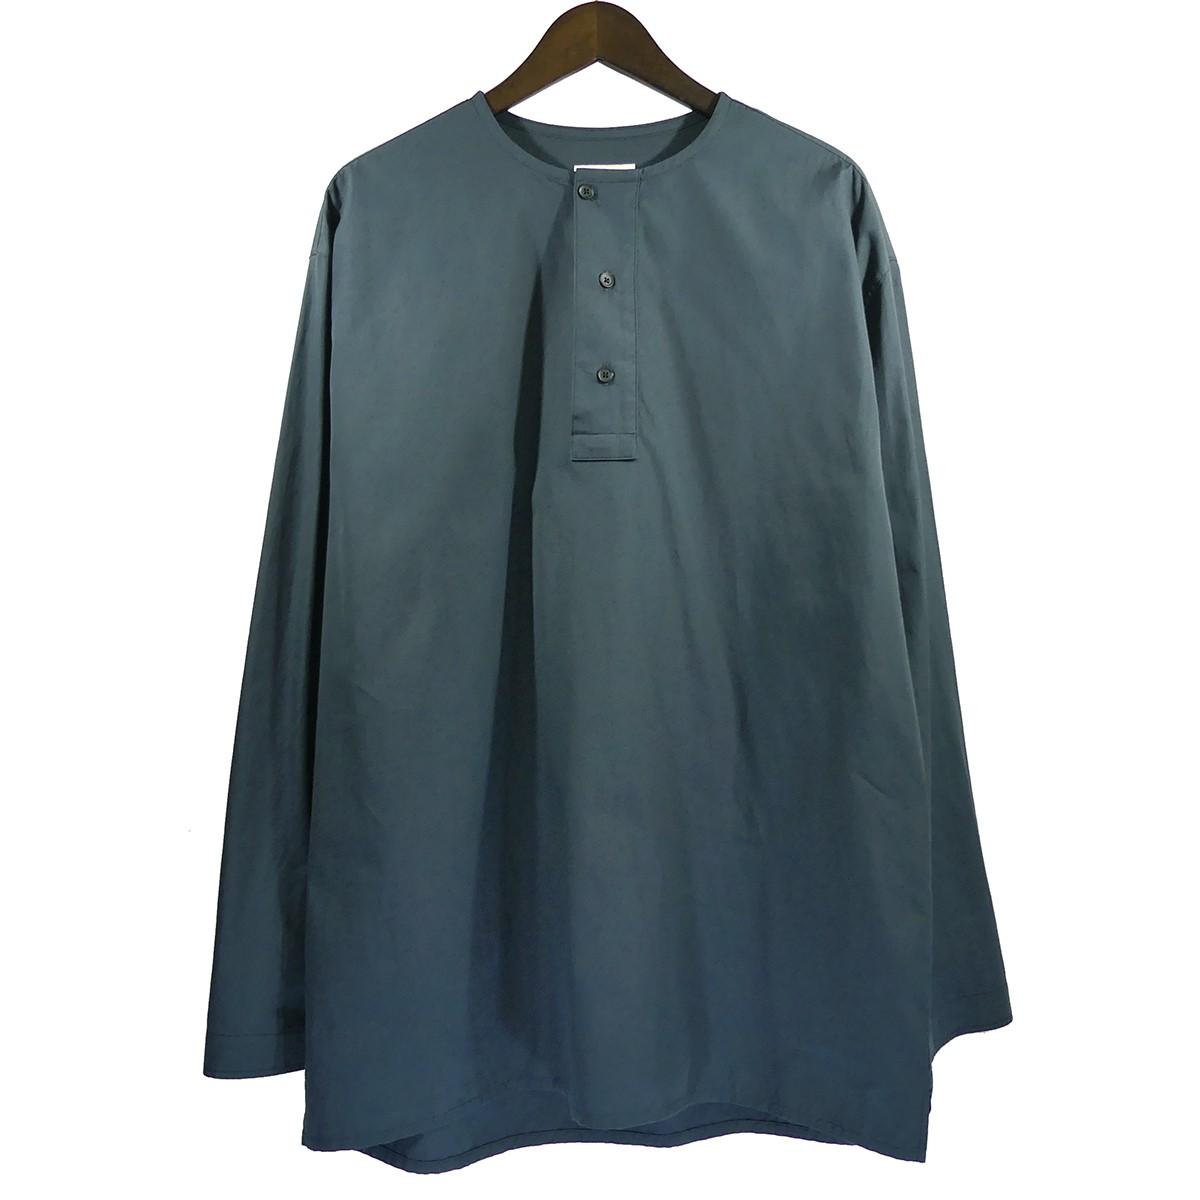 【中古】LEMAIRE 19SS ヘンリーネックシャツ ネイビー サイズ:S 【020420】(ルメール)